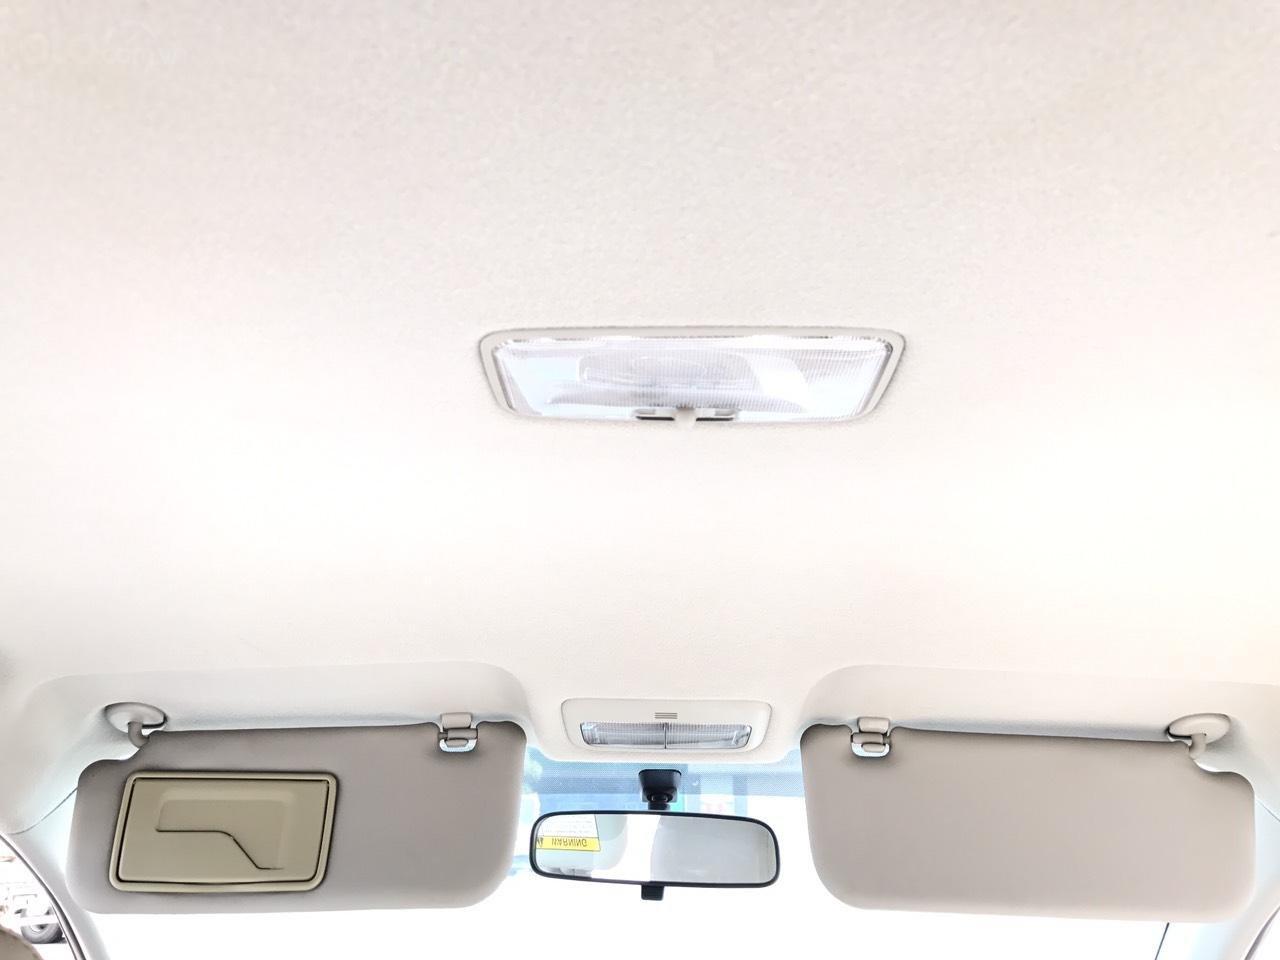 Bán xe Toyota Vios 1.5E sản xuất 2012, màu bạc, 1 chủ từ mới, máy zin 1 cục, nói không với xe taxi (22)